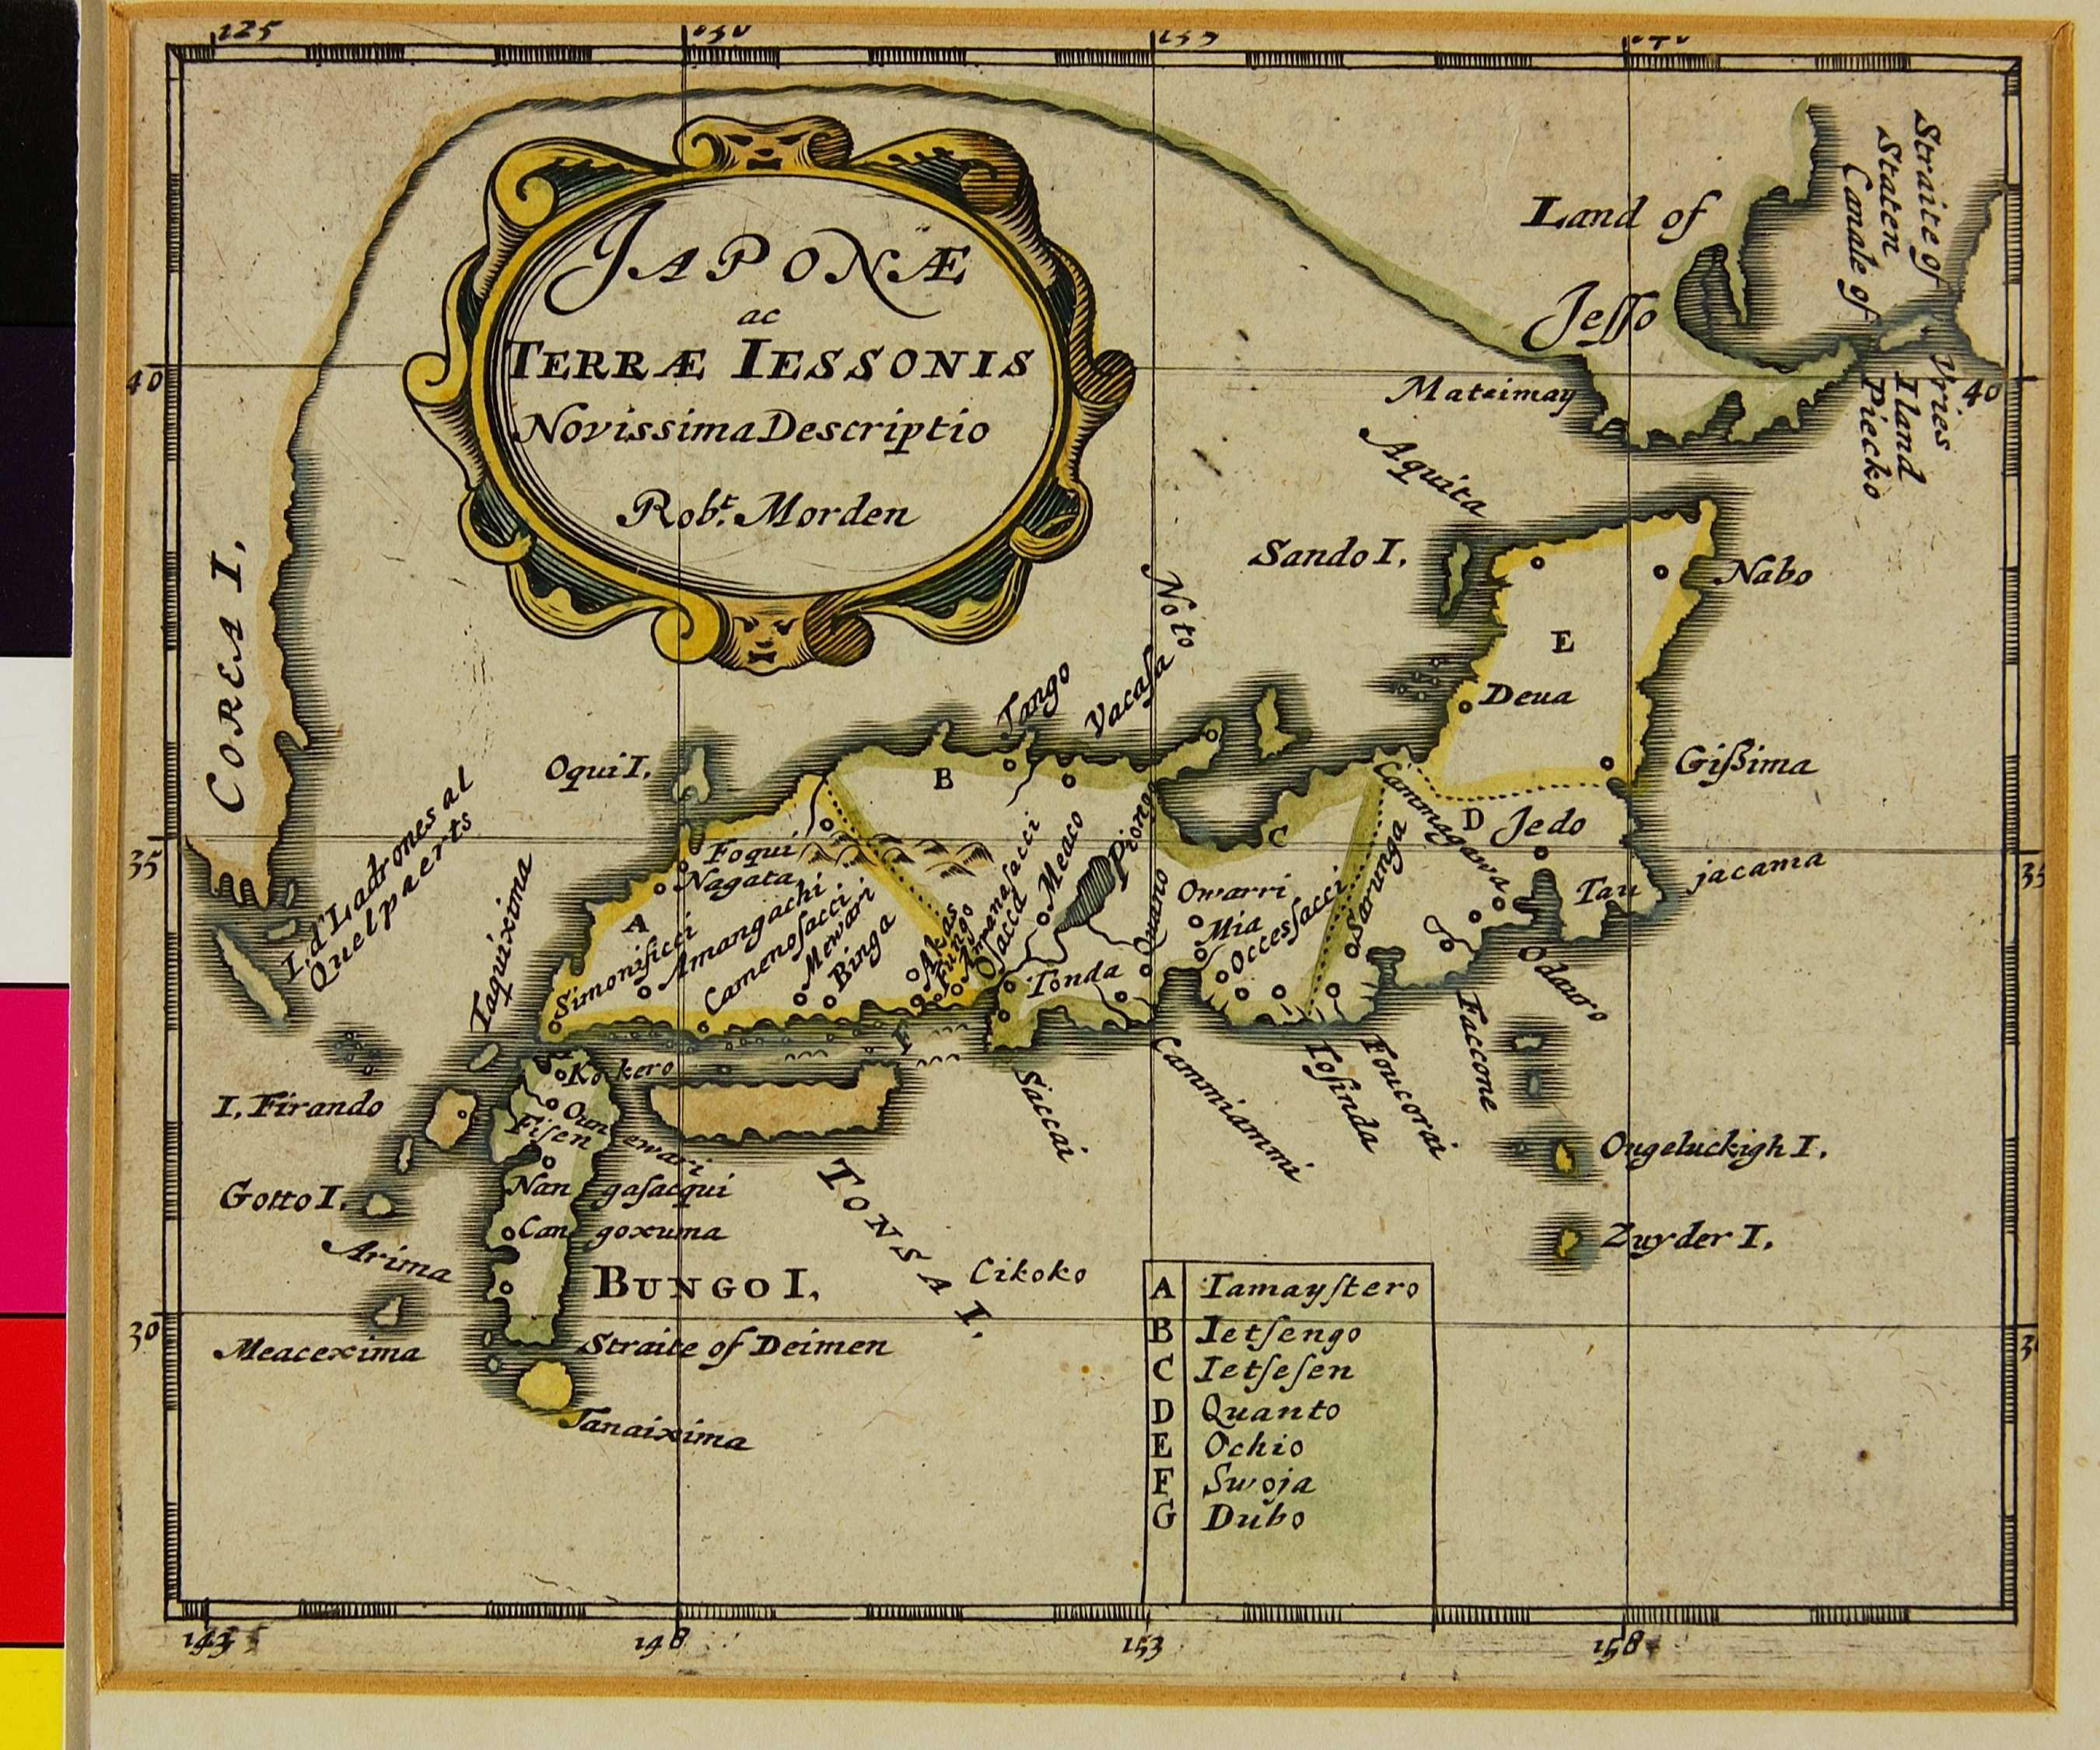 05.04 JAPONÆ ac TERRÆ IESSONIS Novissima Descriptio (Japan and the Land of Ezo) [10]